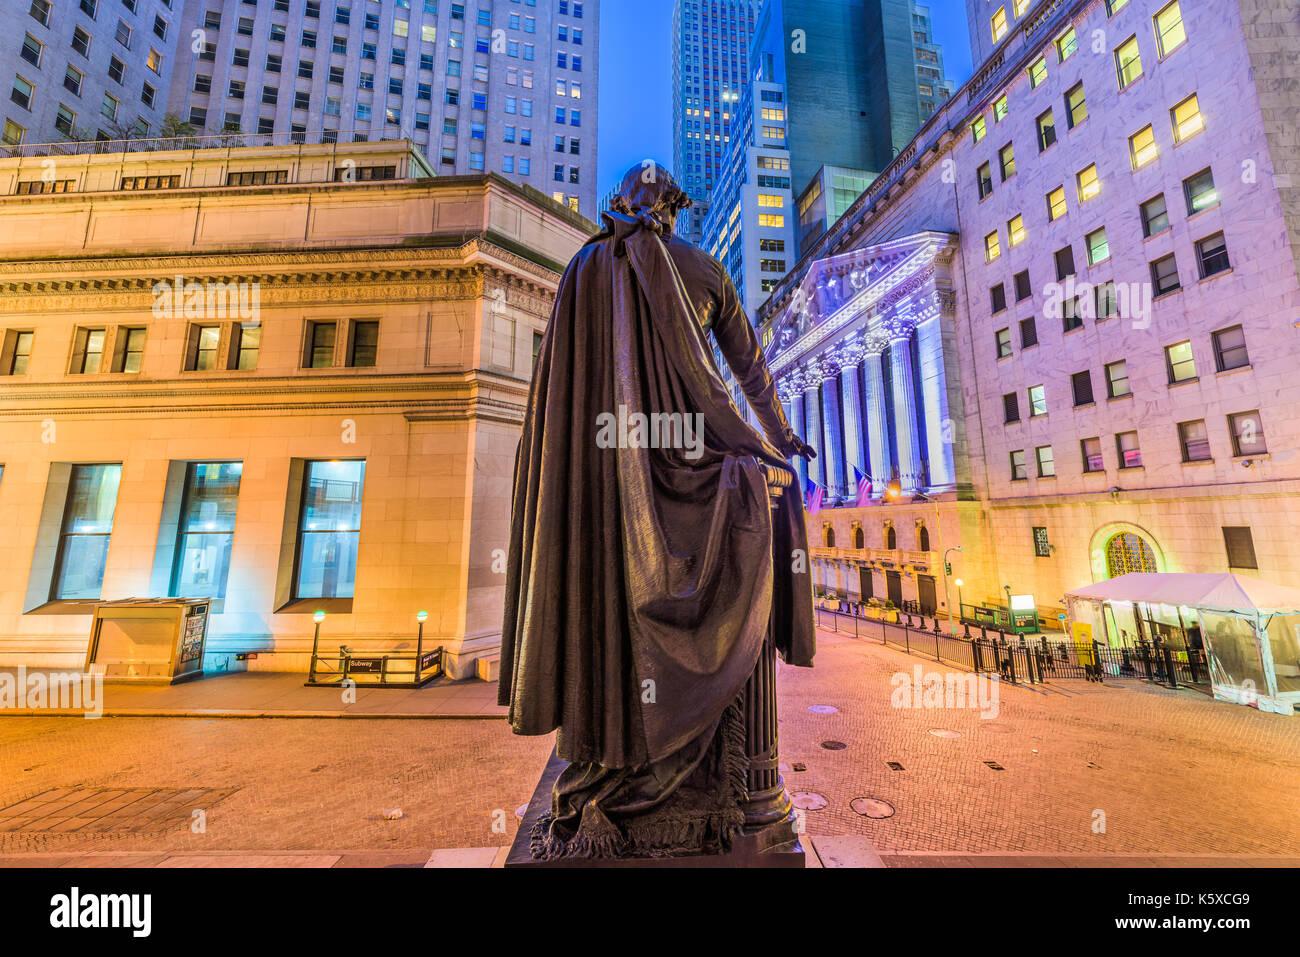 New York City, USA, an der Wall Street von Federal Hall in Lower Manhattan. Stockbild